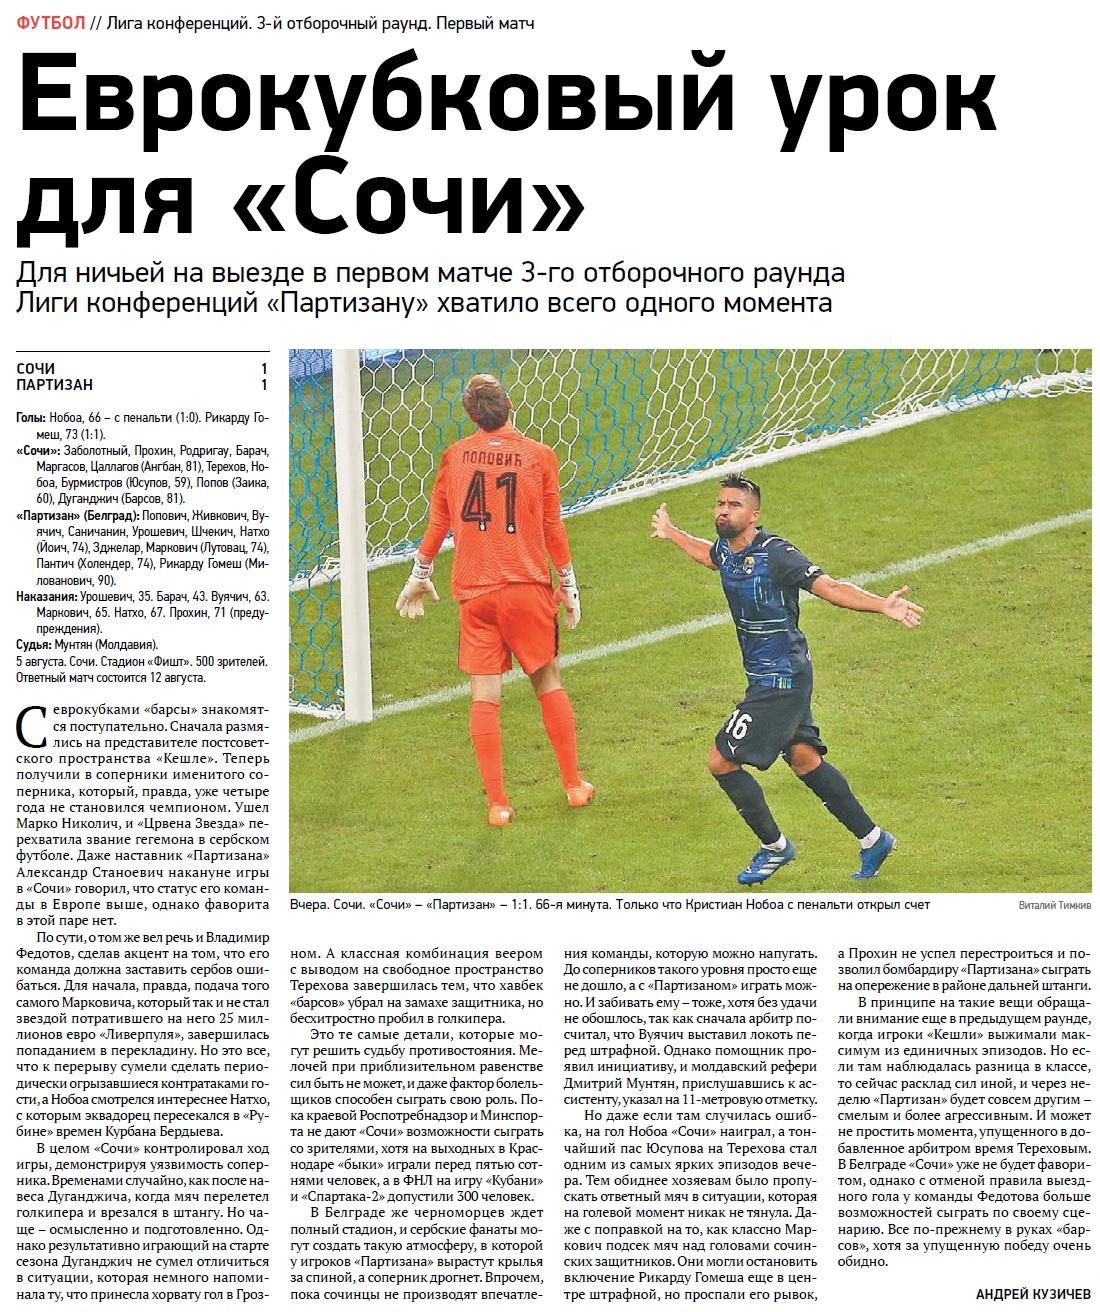 Сочи (Россия) - Партизан (Сербия) 1:1